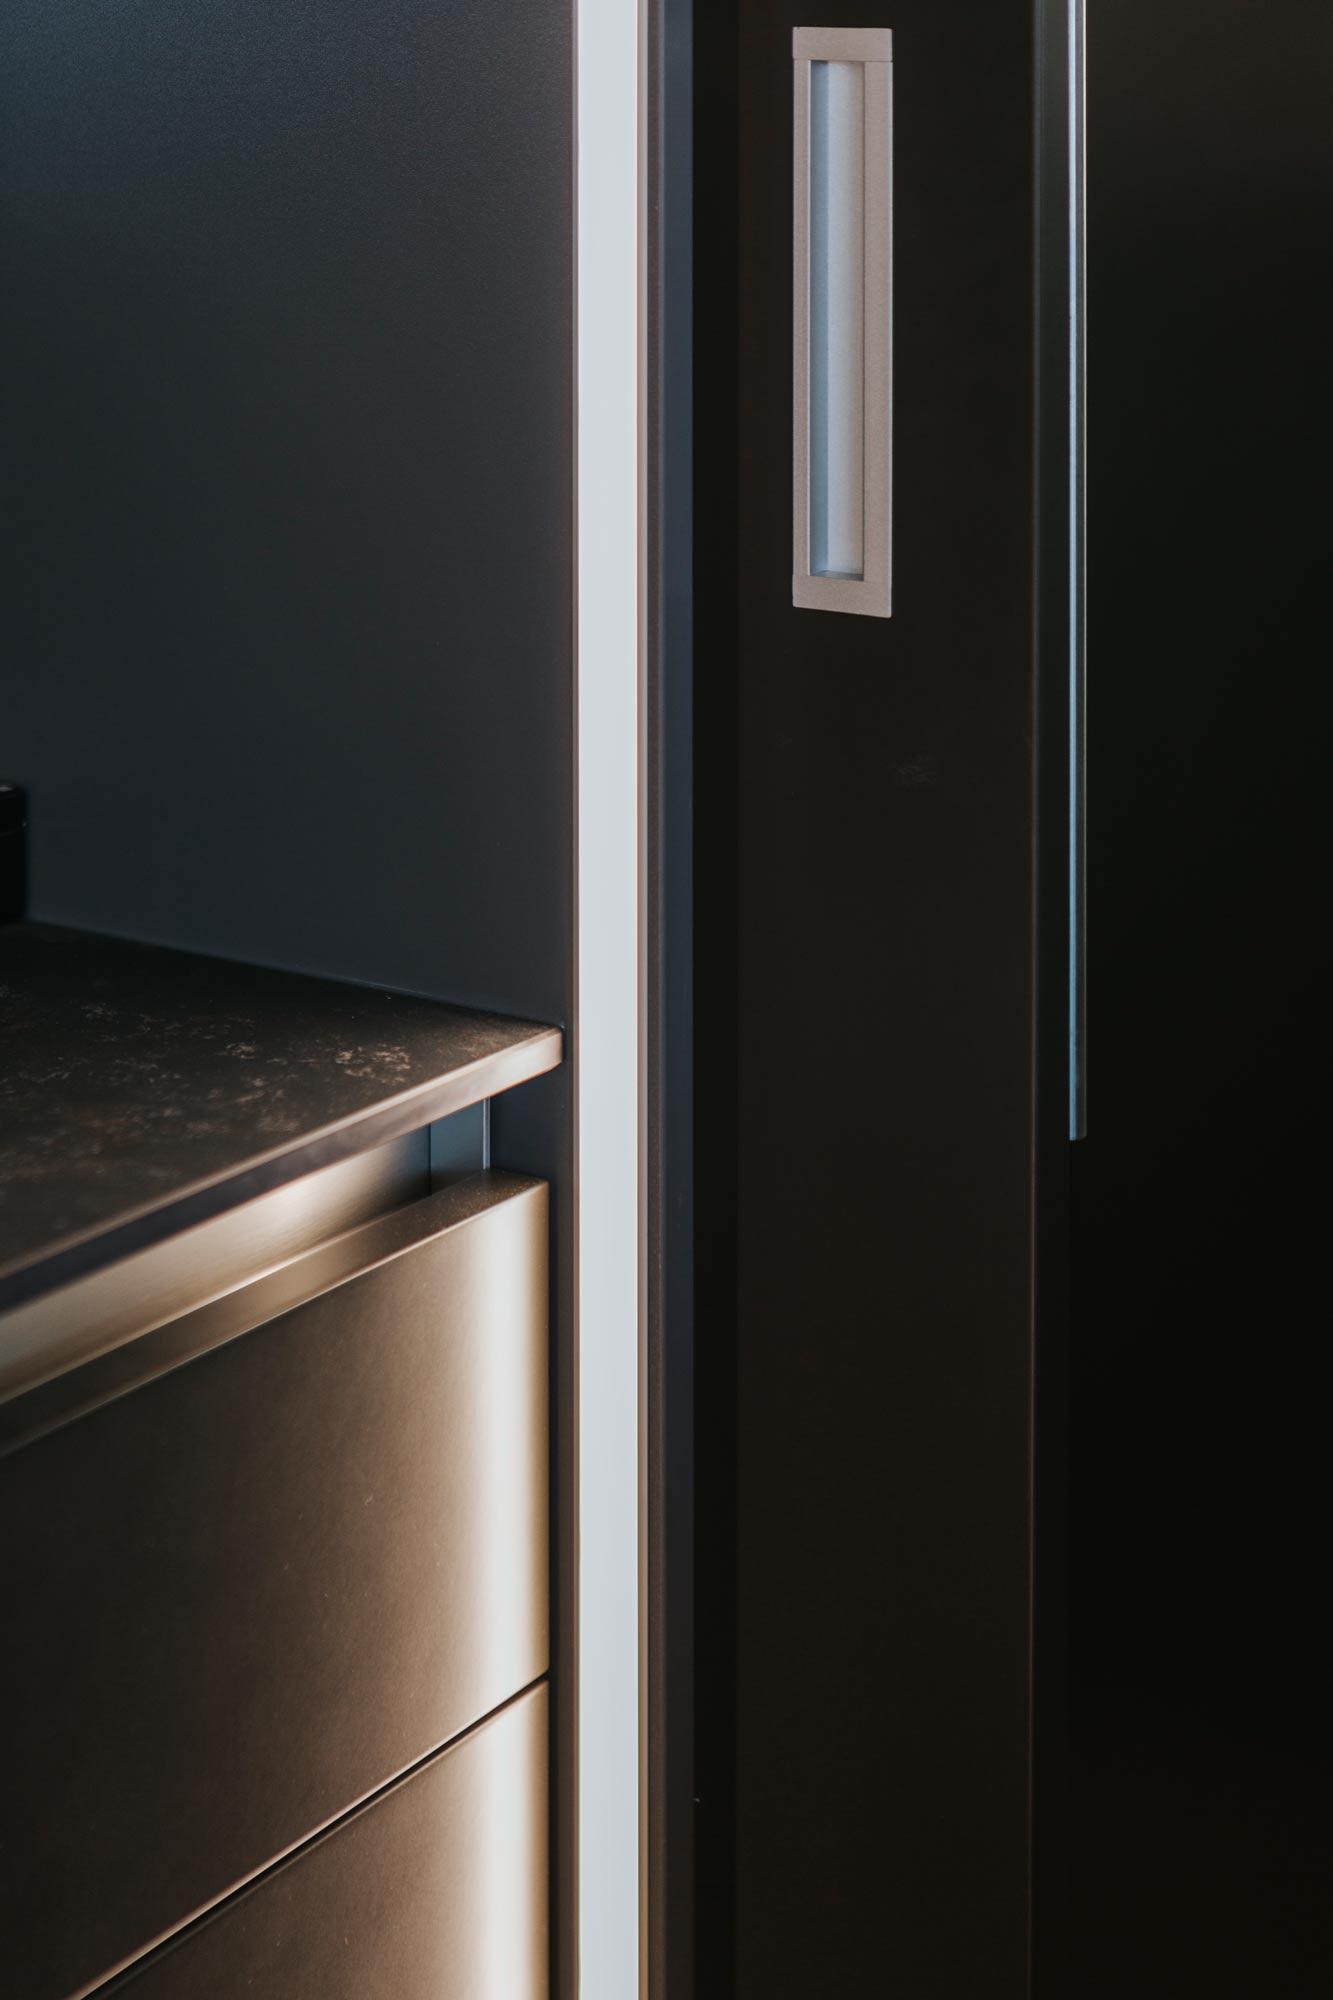 Bootshaus Küche Kastentür Schiebeelement beleuchtet